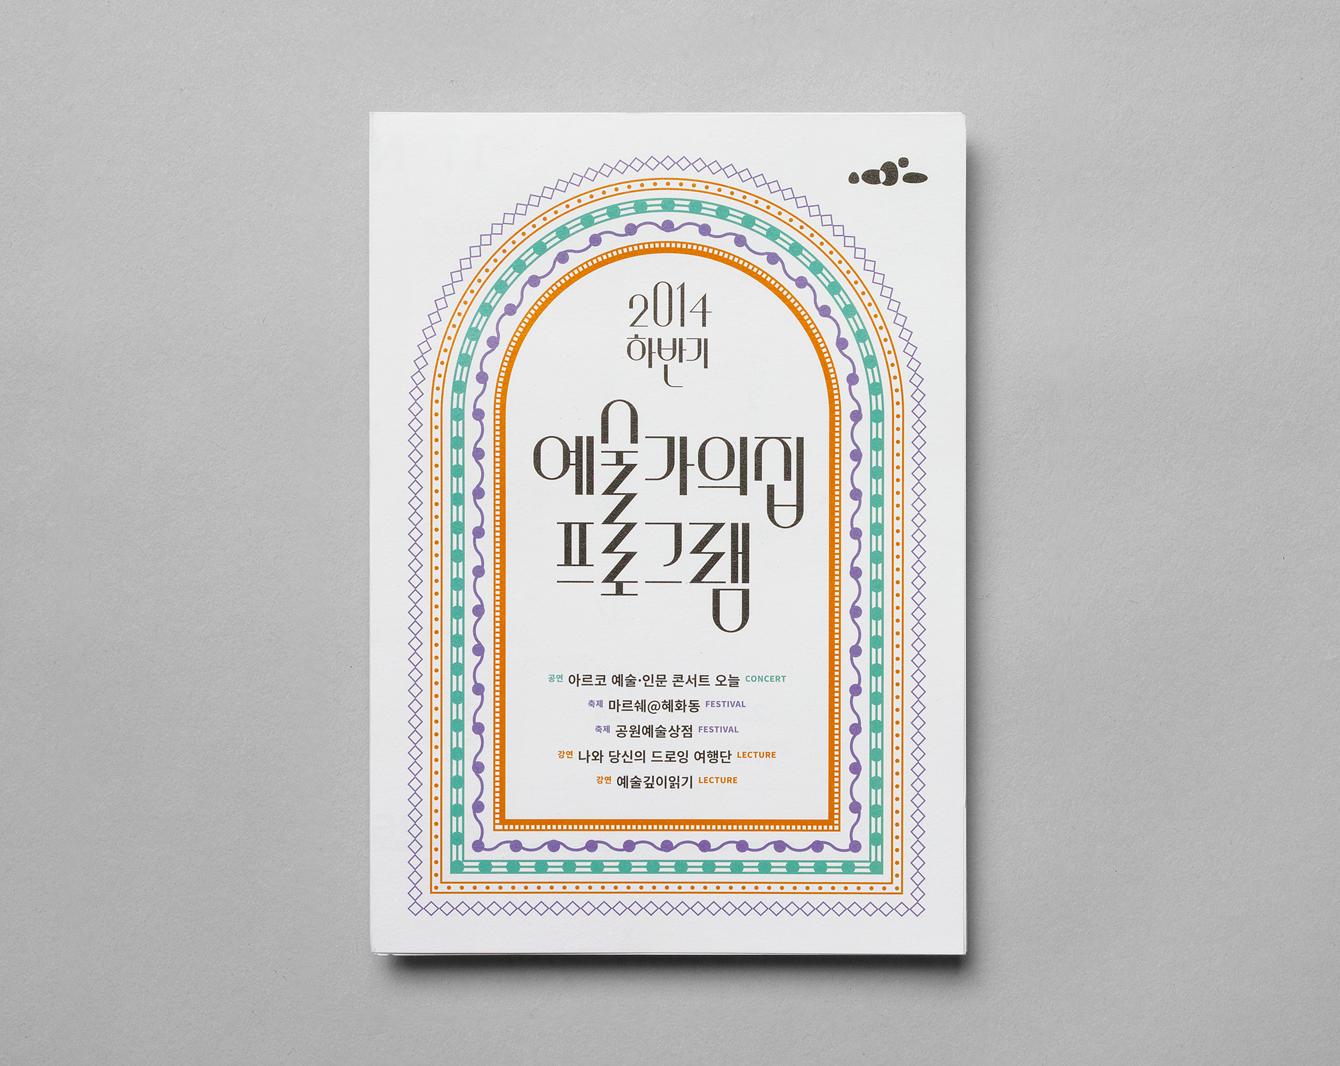 leaflet for ARTIST'S HOUSE - 2014 Programs - Jaemin Lee